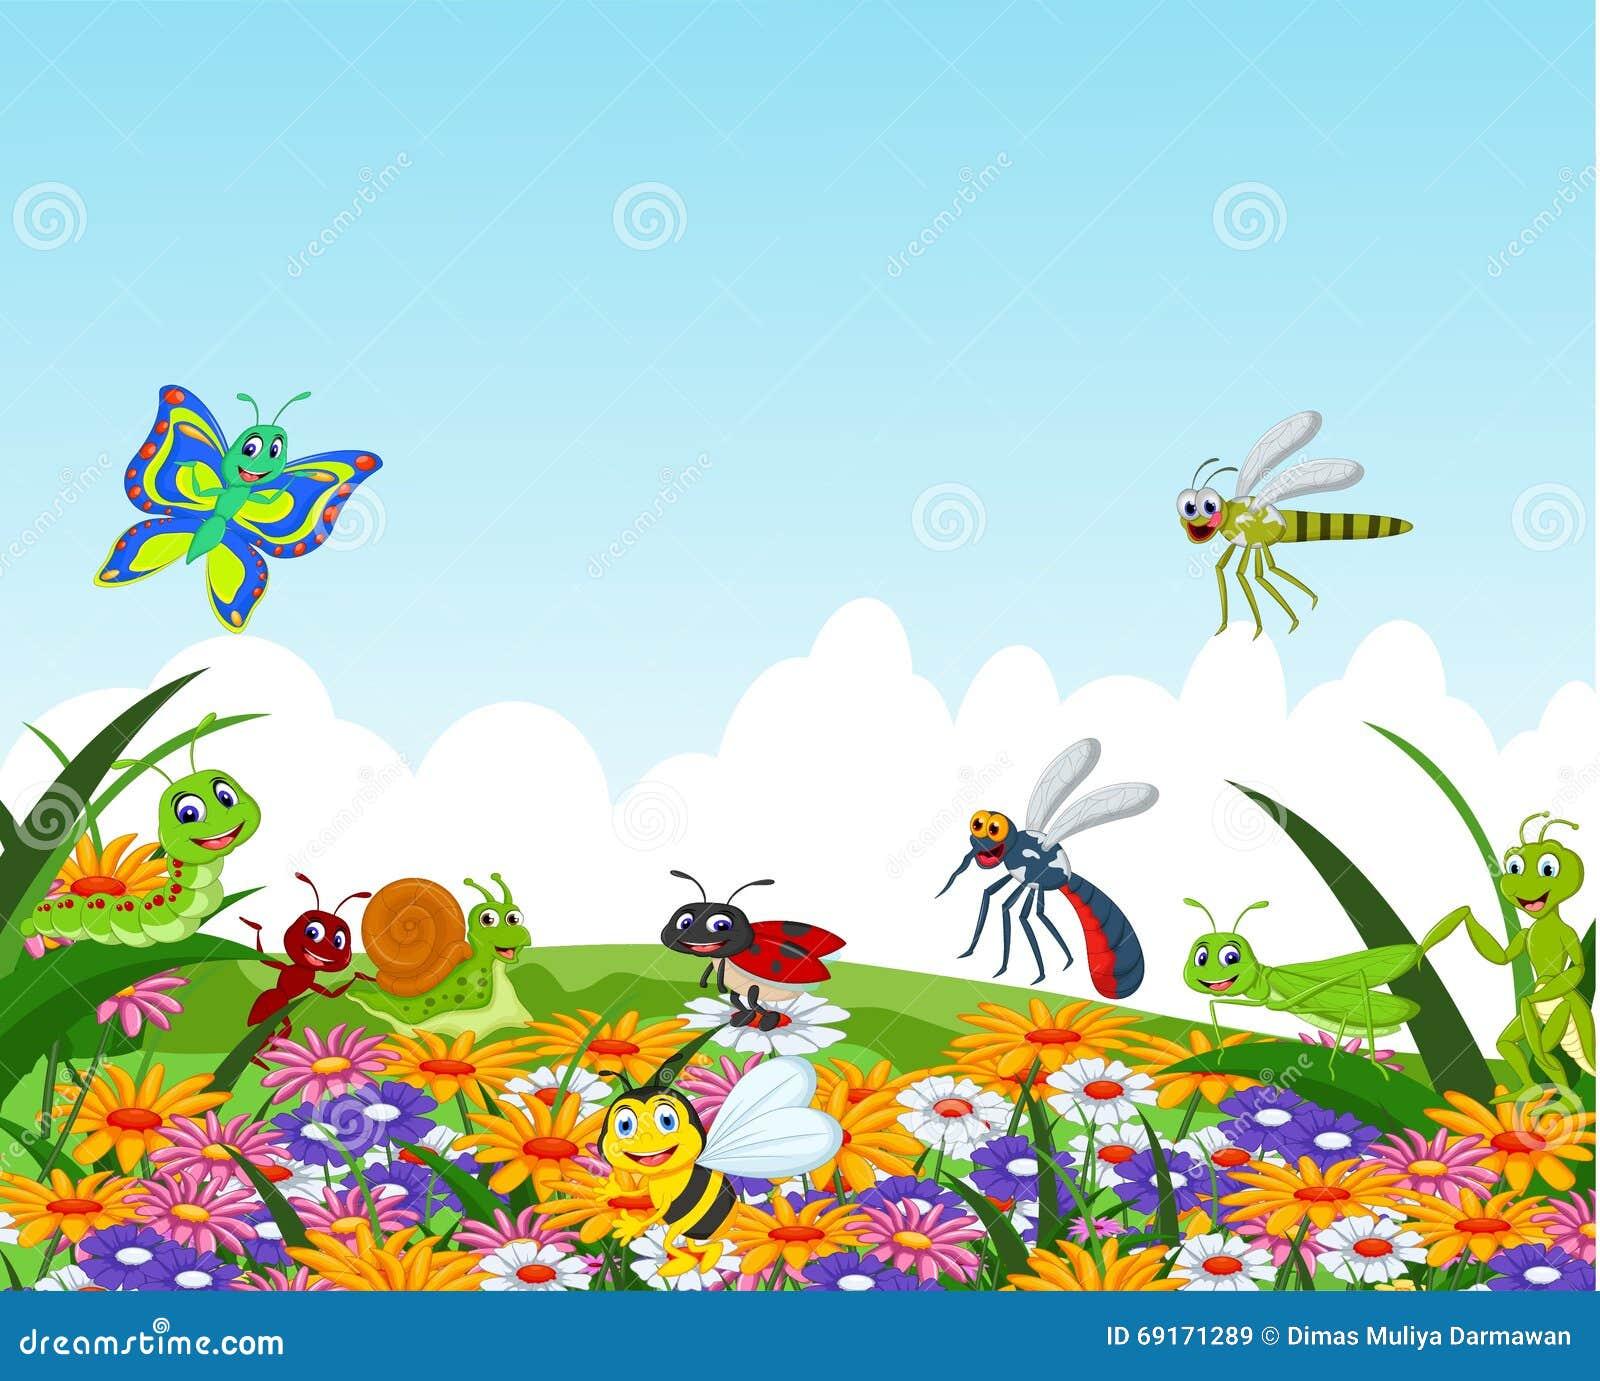 Flower garden cartoon - Collection Flower Garden Illustration